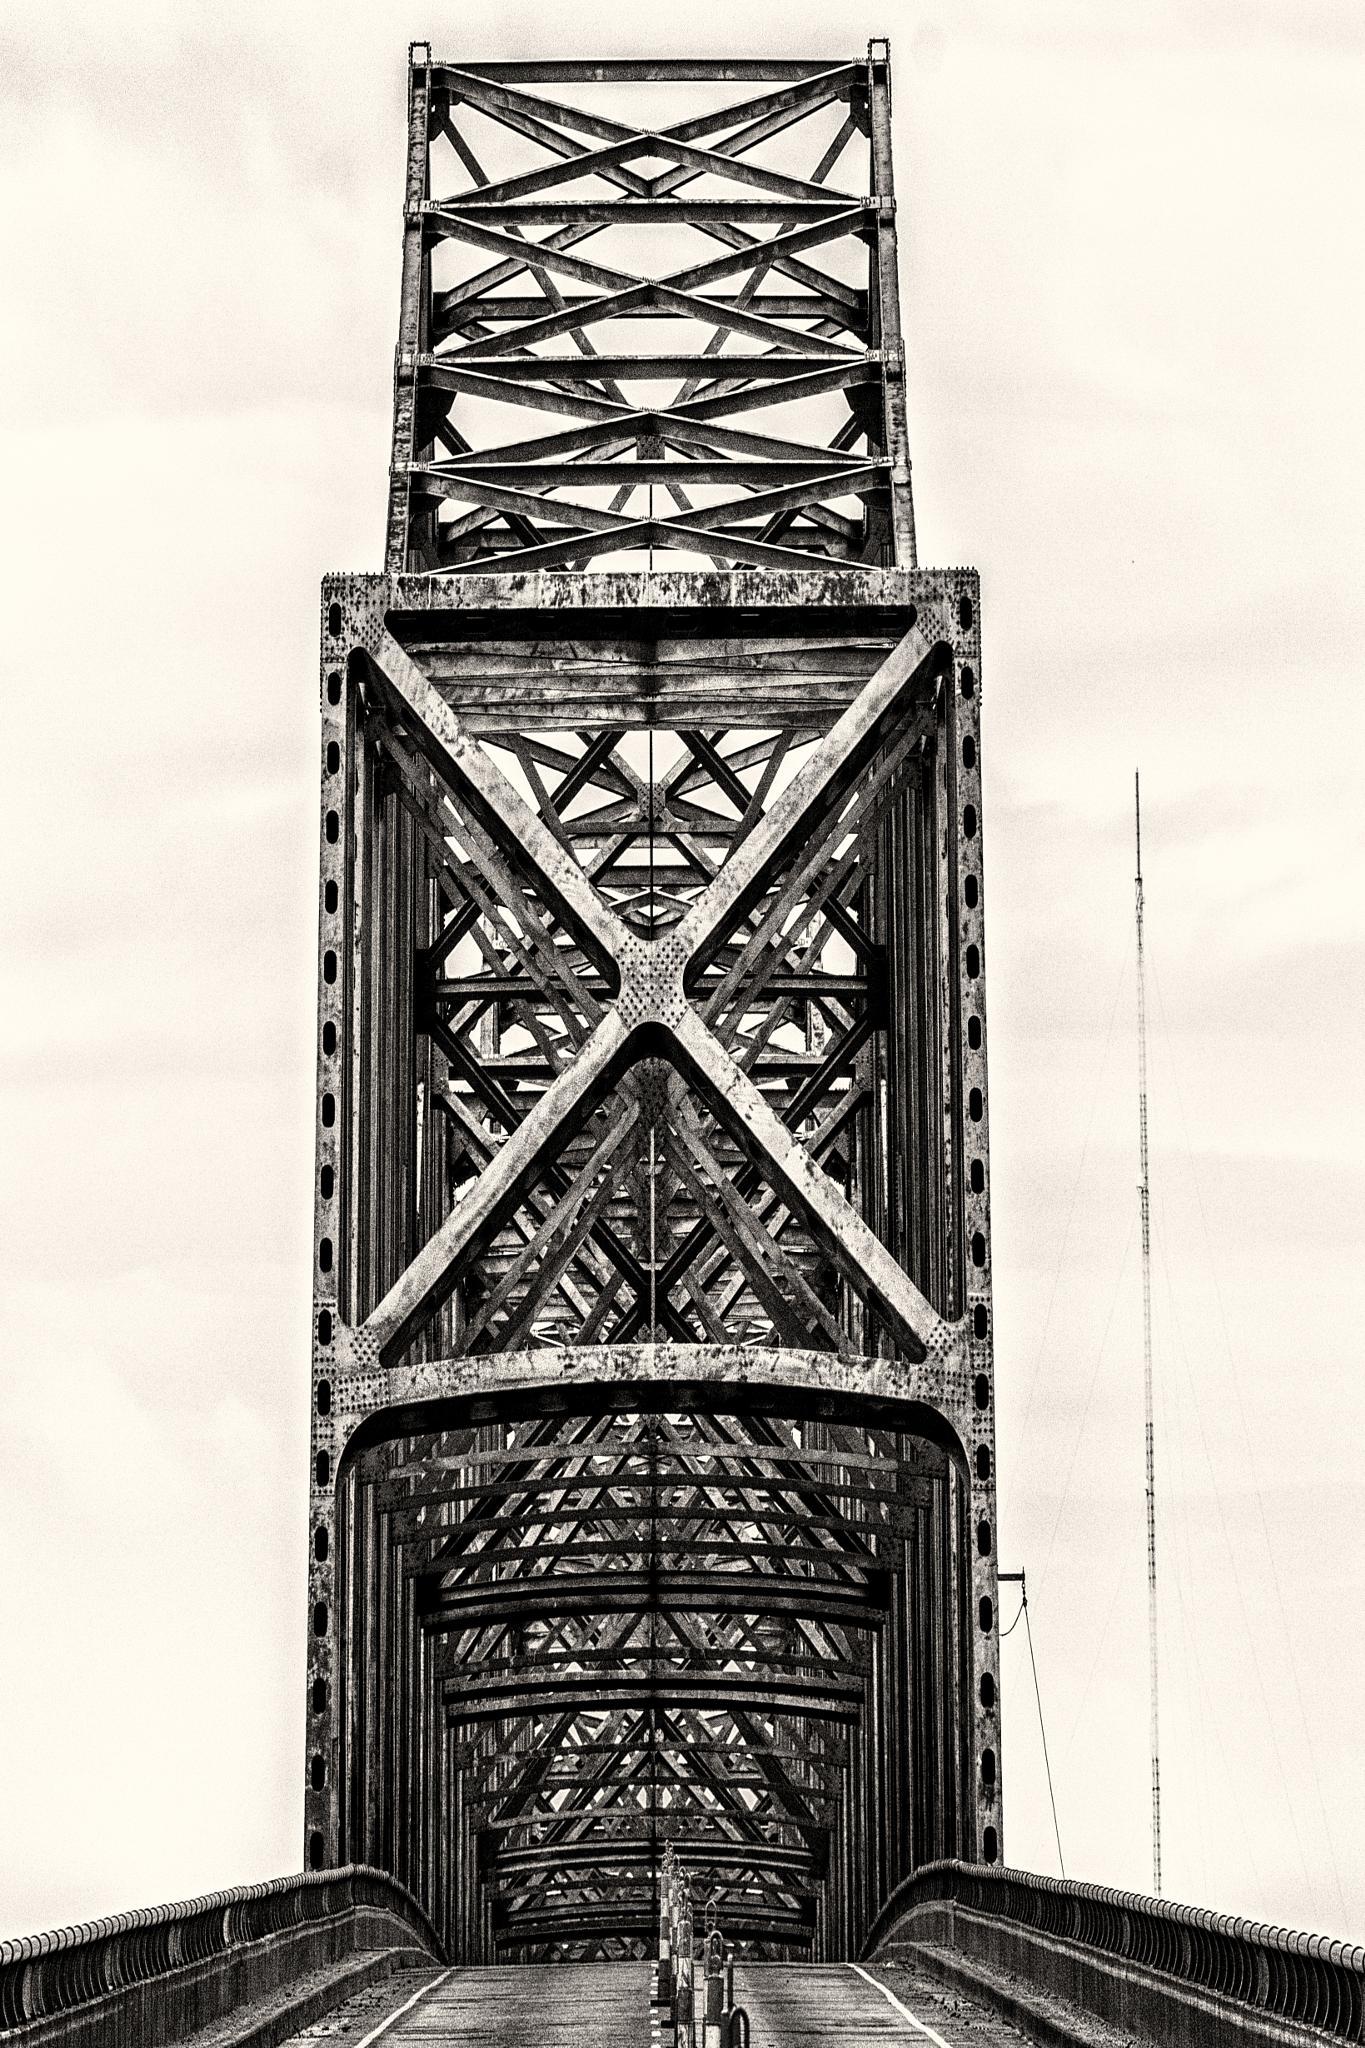 Evansville Indiana Bridge by azvagabond